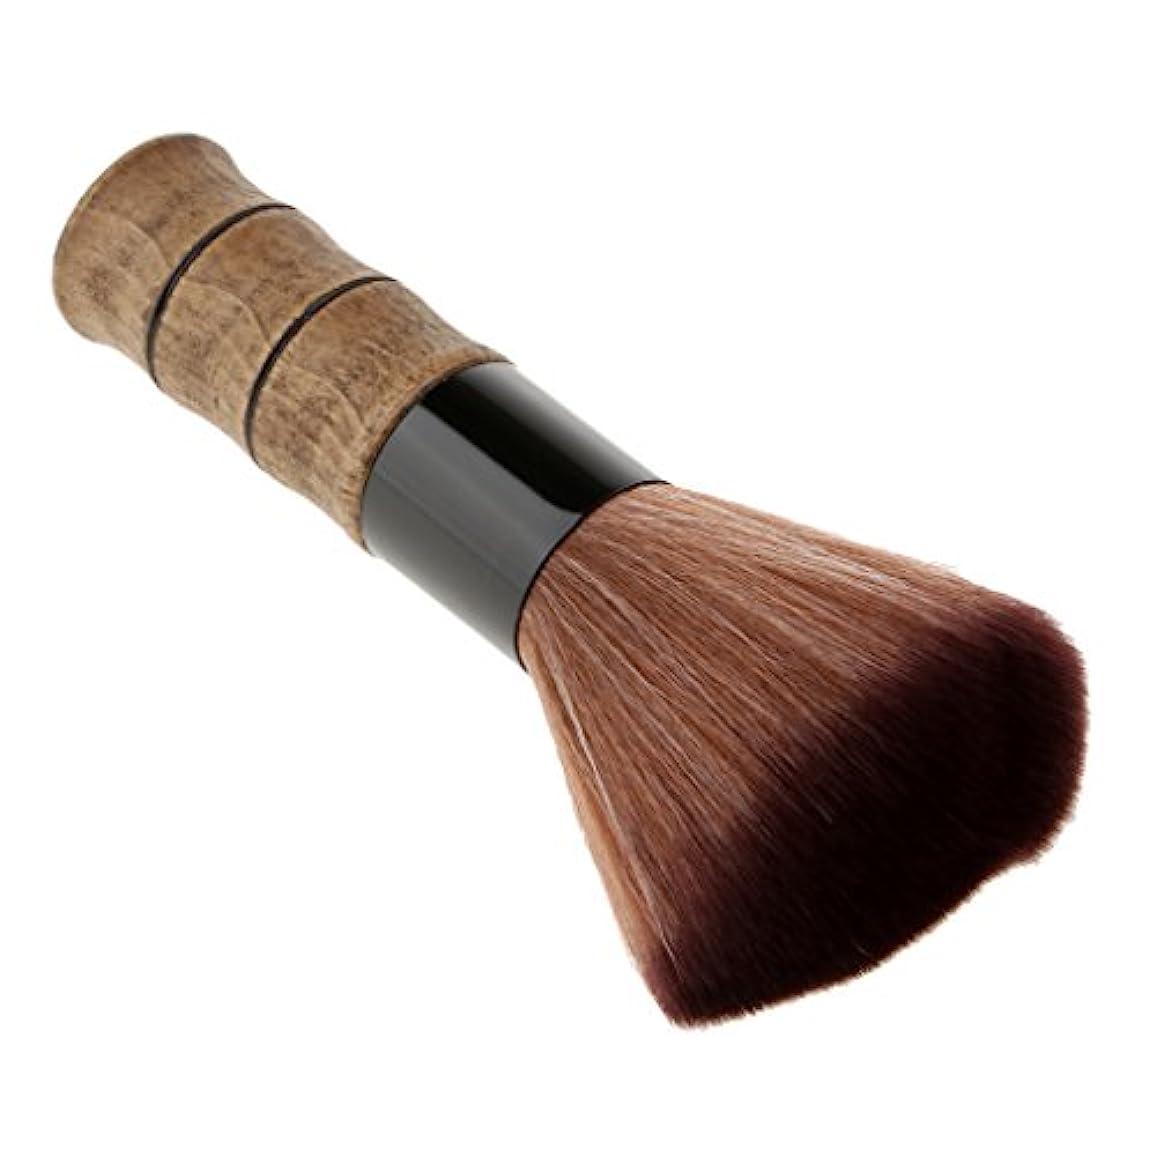 ギャップ標高利用可能シェービングブラシ 洗顔 化粧ブラシ メイクブラシ ソフトファイバー ブラシ スキンケア メイクアップ 高品質 2色選べる - 褐色